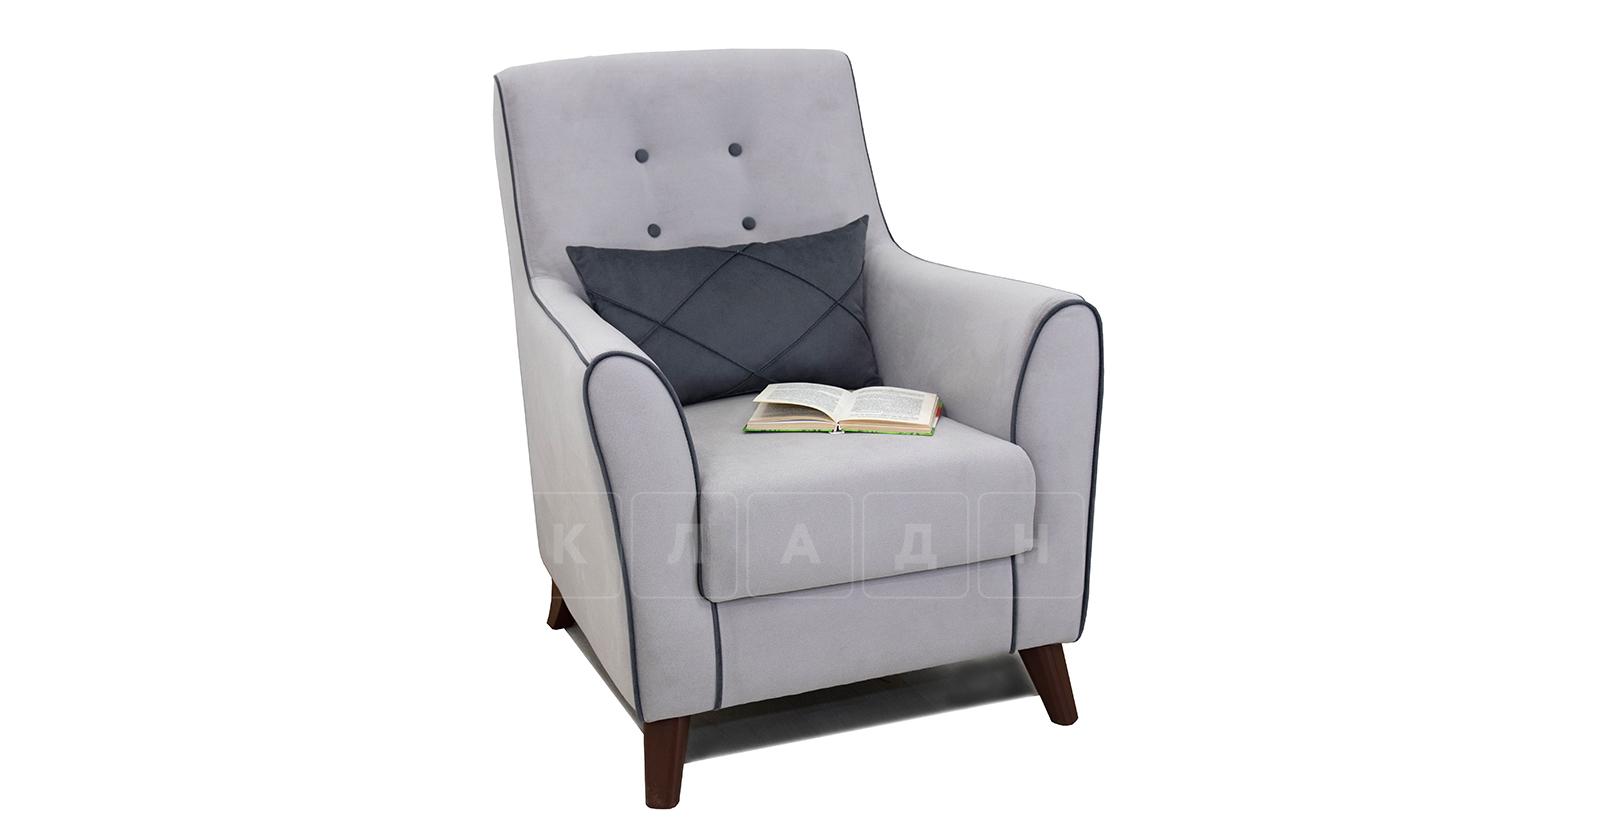 Кресло для отдыха Флэтфорд светло-серый фото 5   интернет-магазин Складно